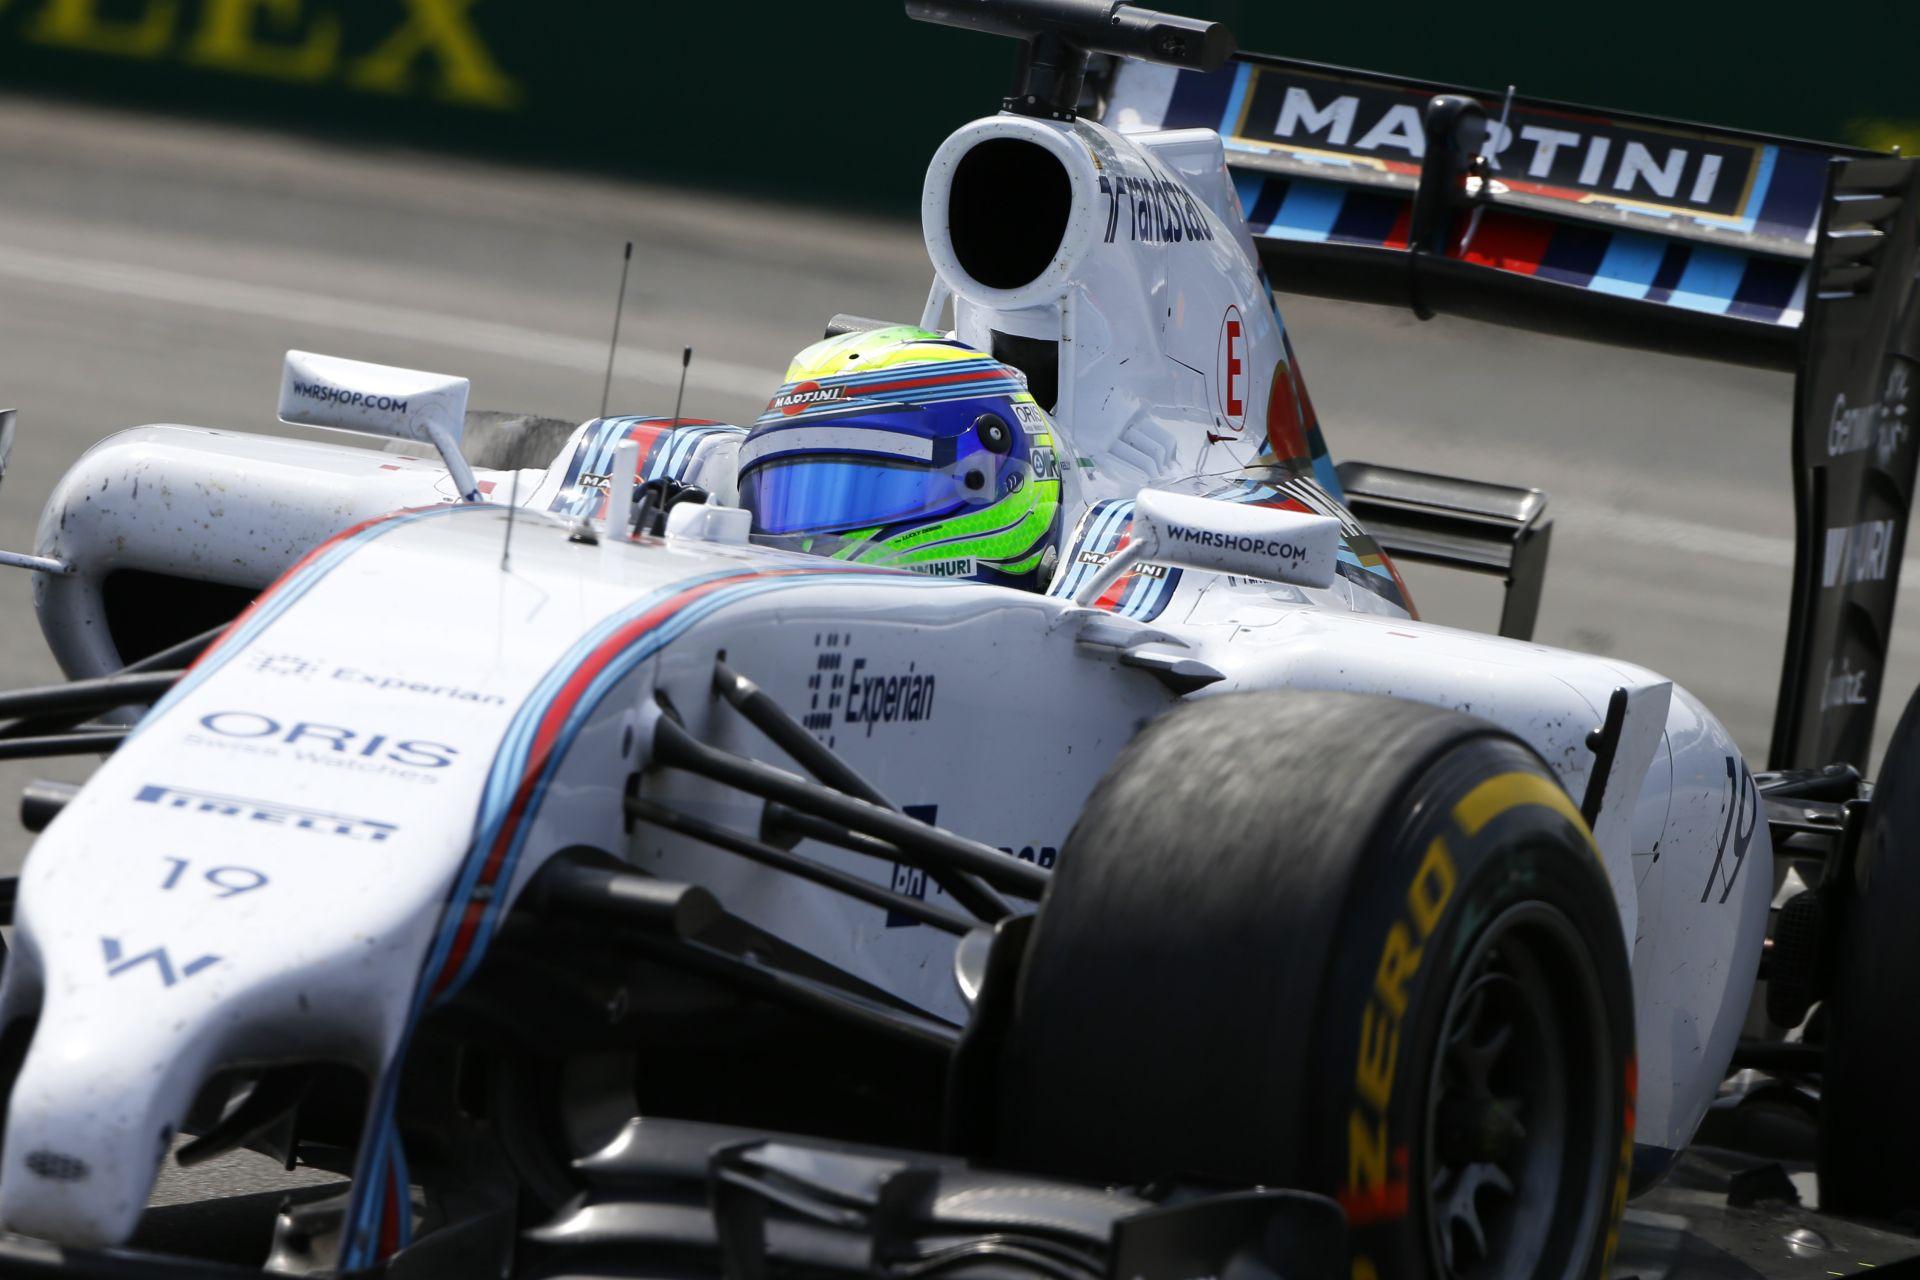 Kanadai Nagydíj 2014: Massa volt a leggyorsabb a versenyen